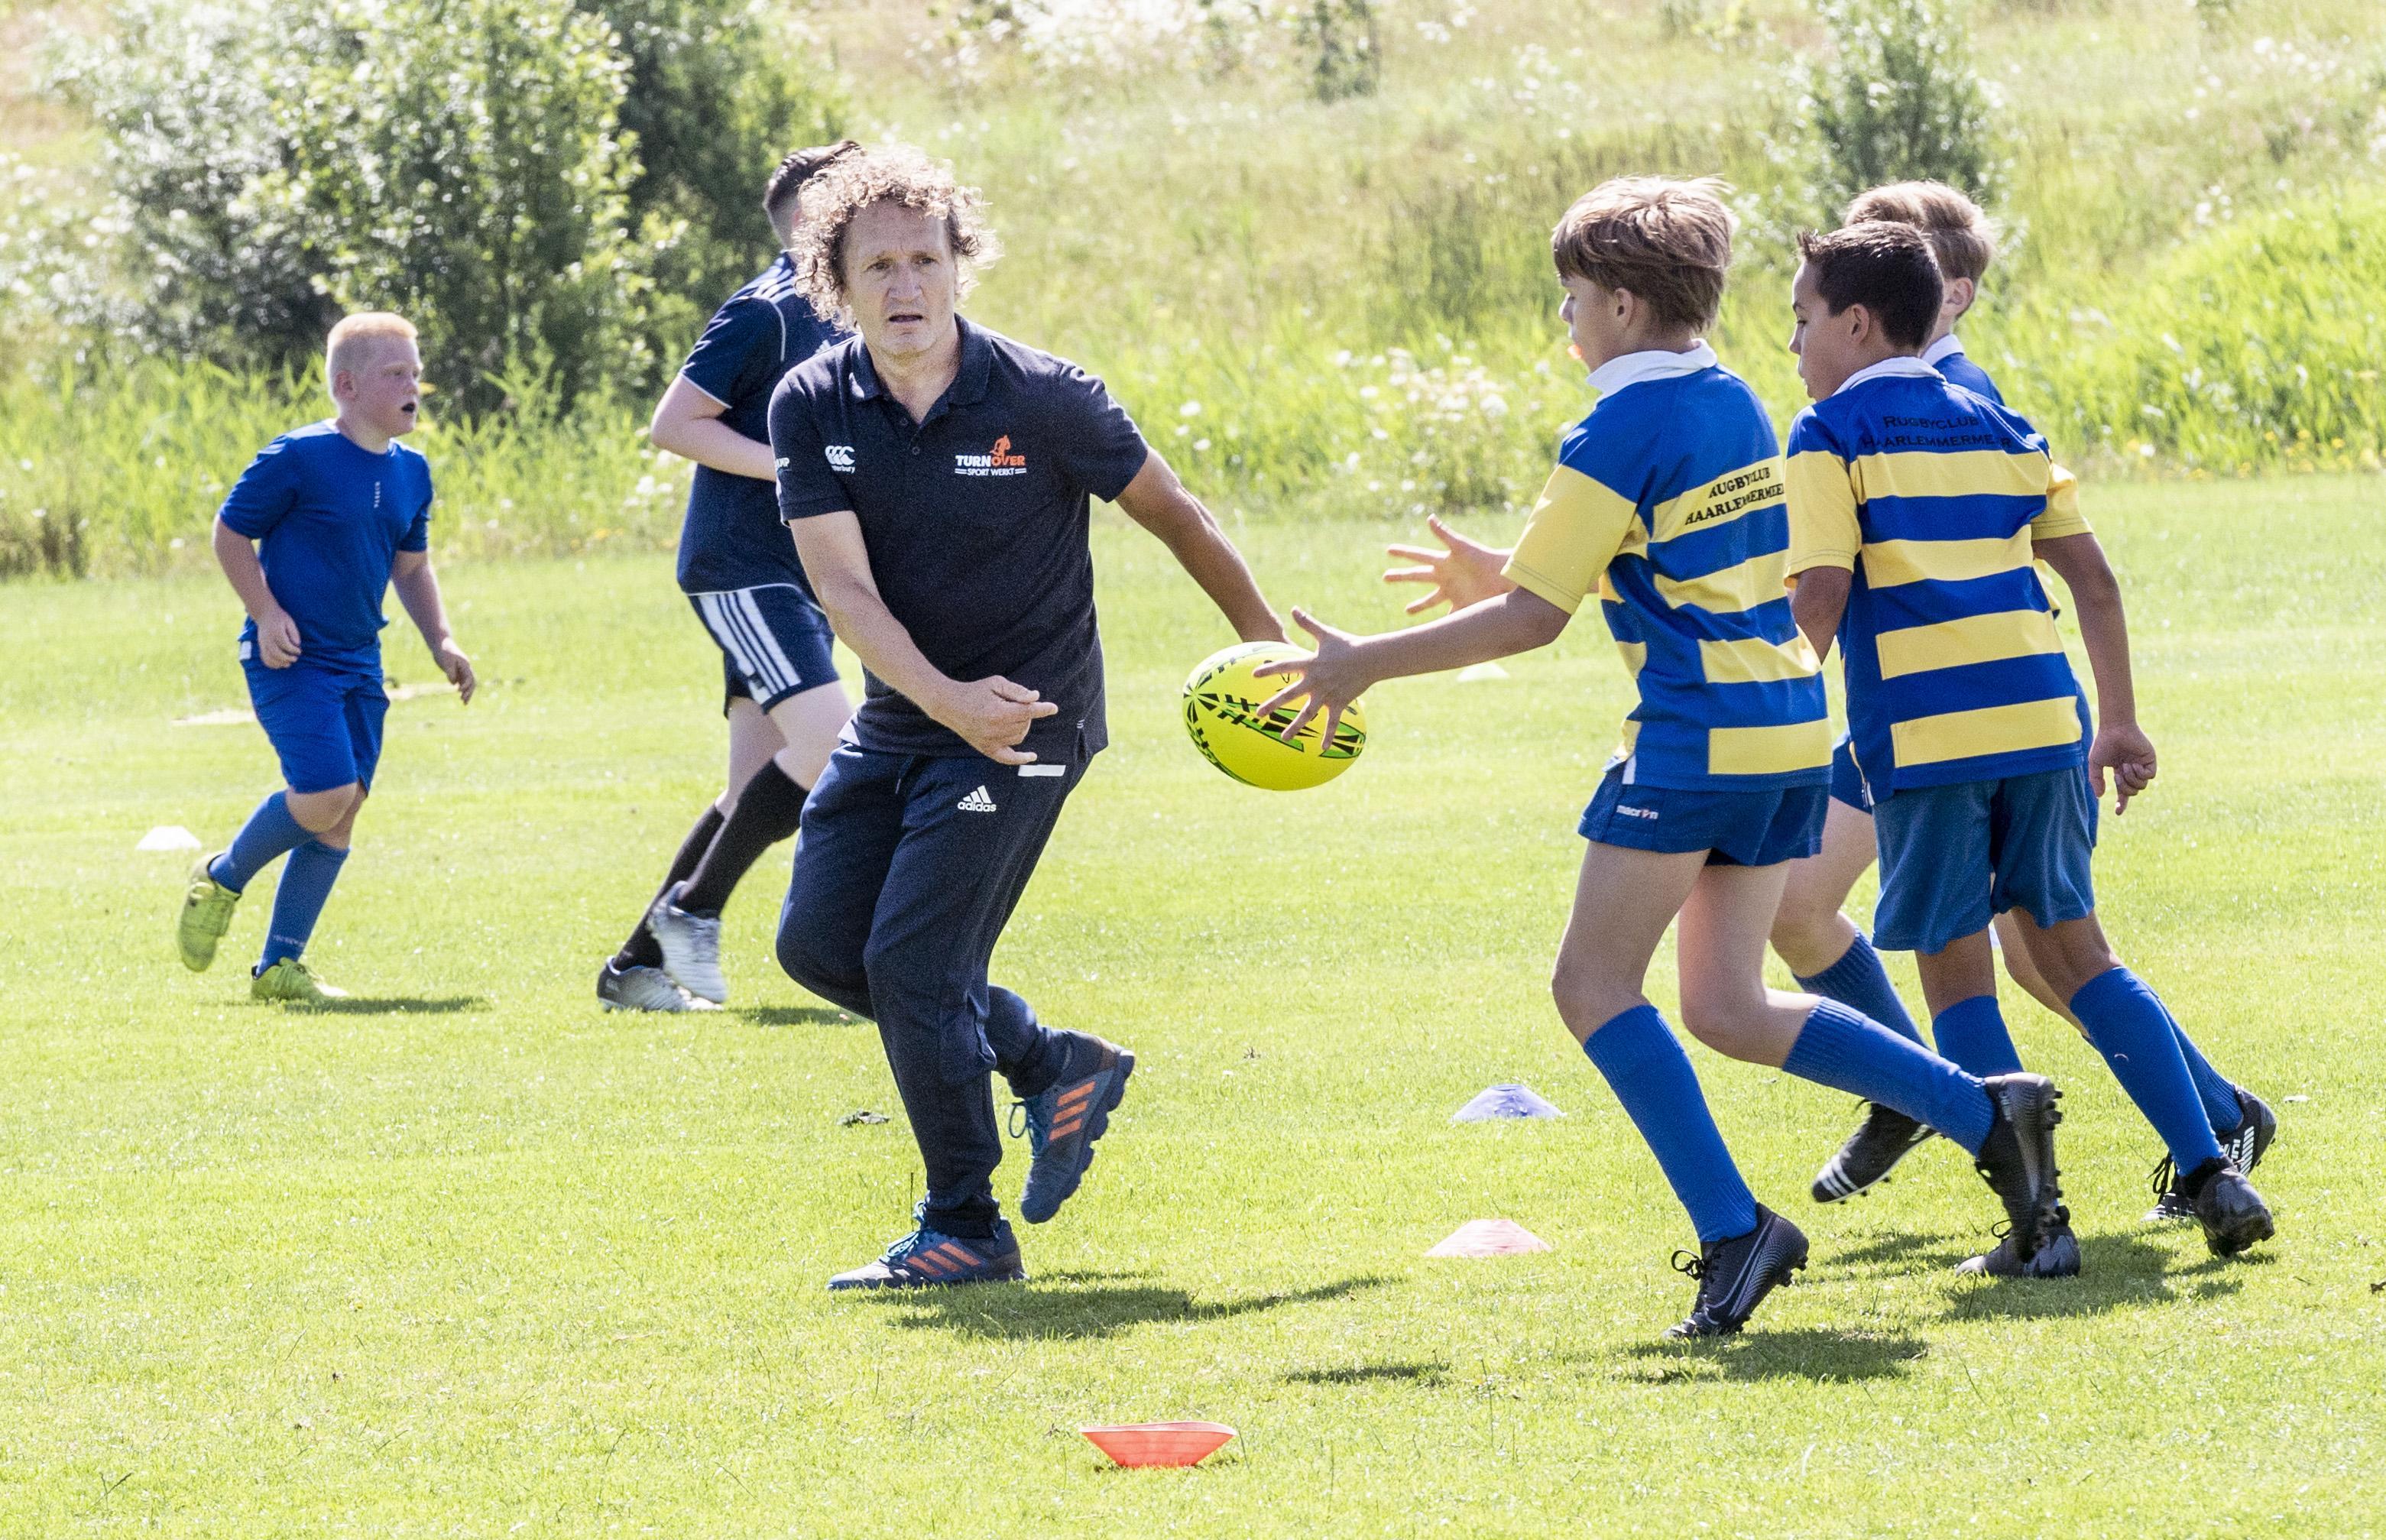 Rugby verder promoten in de Haarlemmermeer dat is het doel van Hawks en Academy Noord West